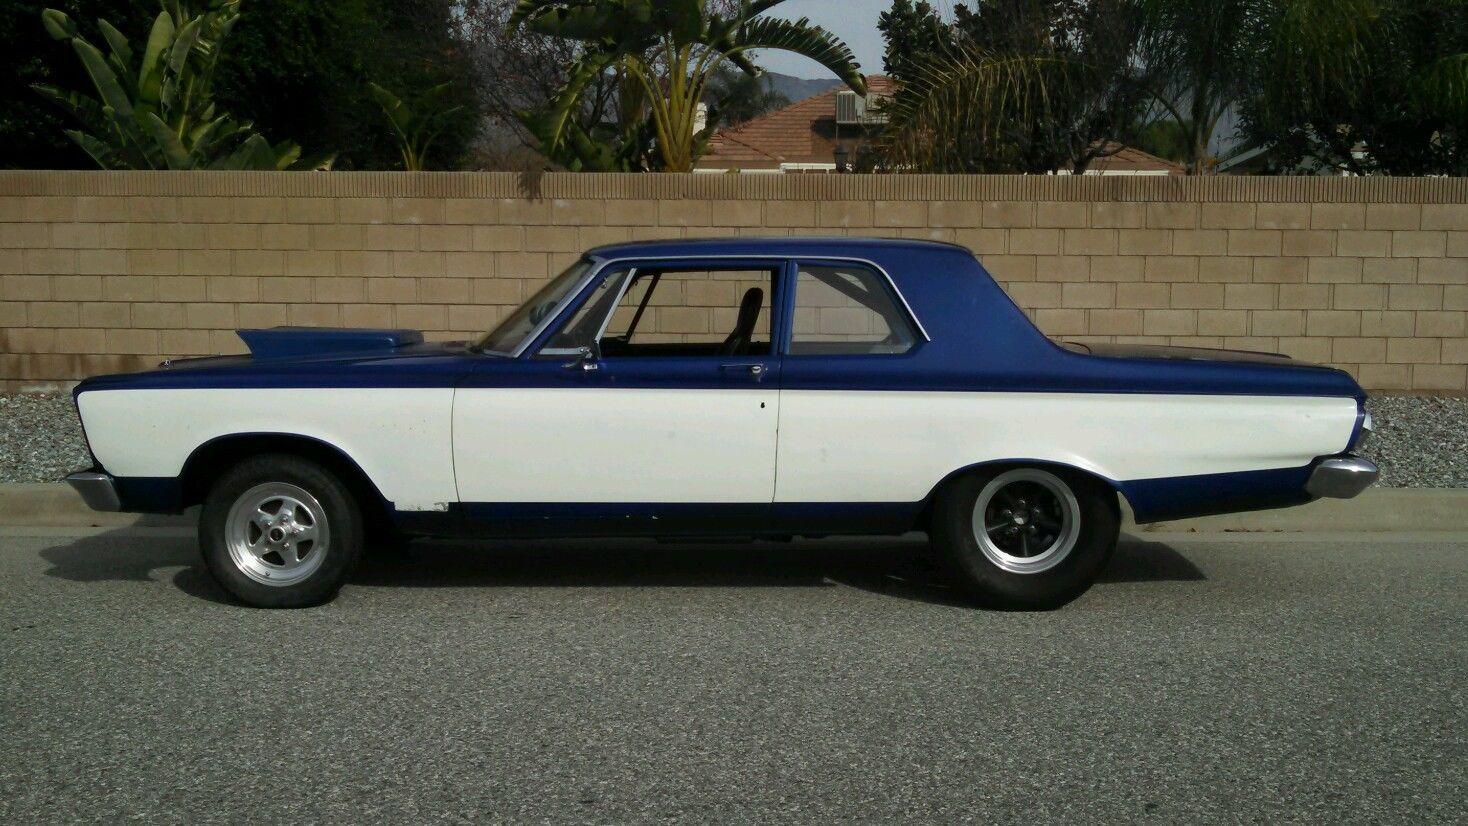 1965 Plymouth Belvedere I 2 Door Sedan Post Mopar Max Wedge Hemi 1964 Dodge Other